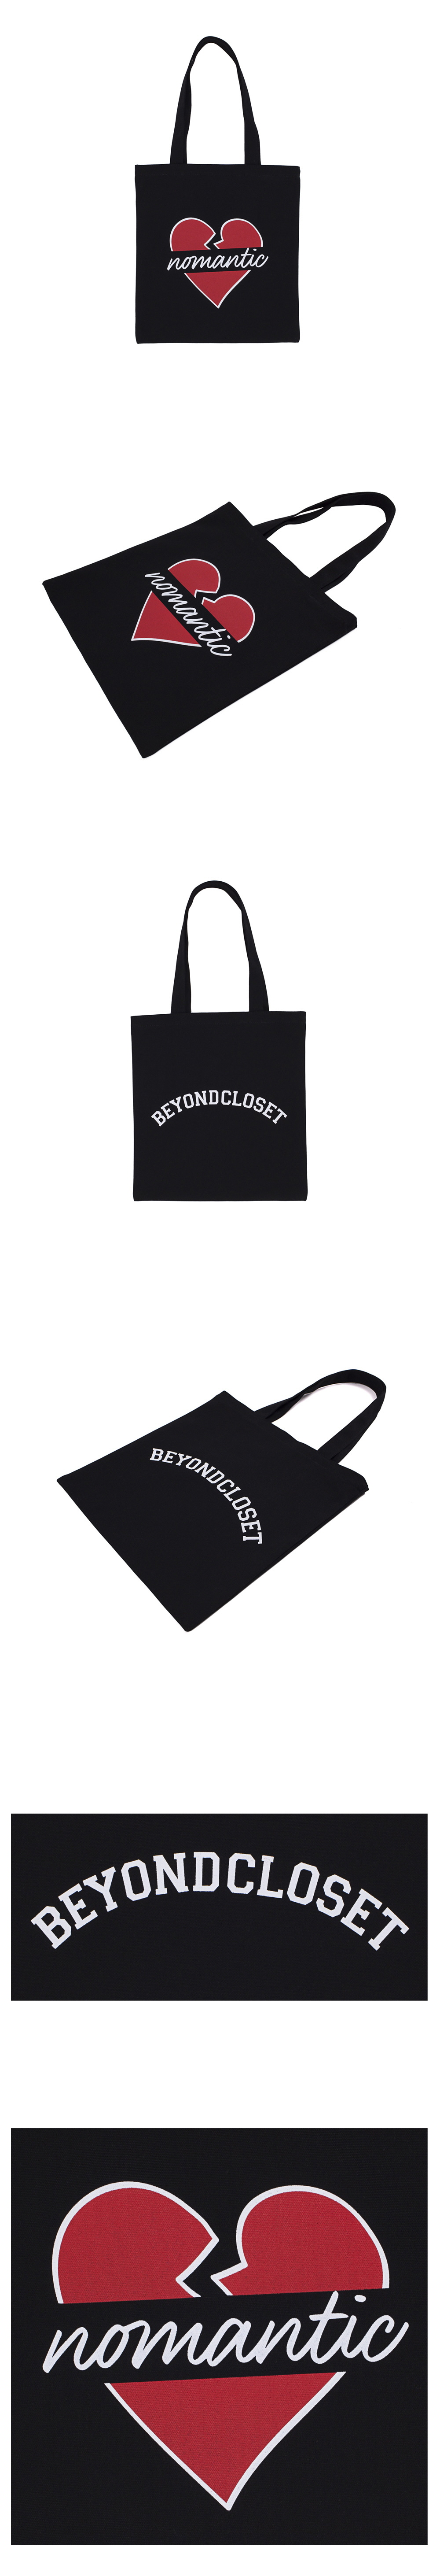 [비욘드클로젯X매니퀸] 노맨틱 하트 에코백-블랙 - 매니퀸, 39,800원, 캔버스/에코백, 에코백